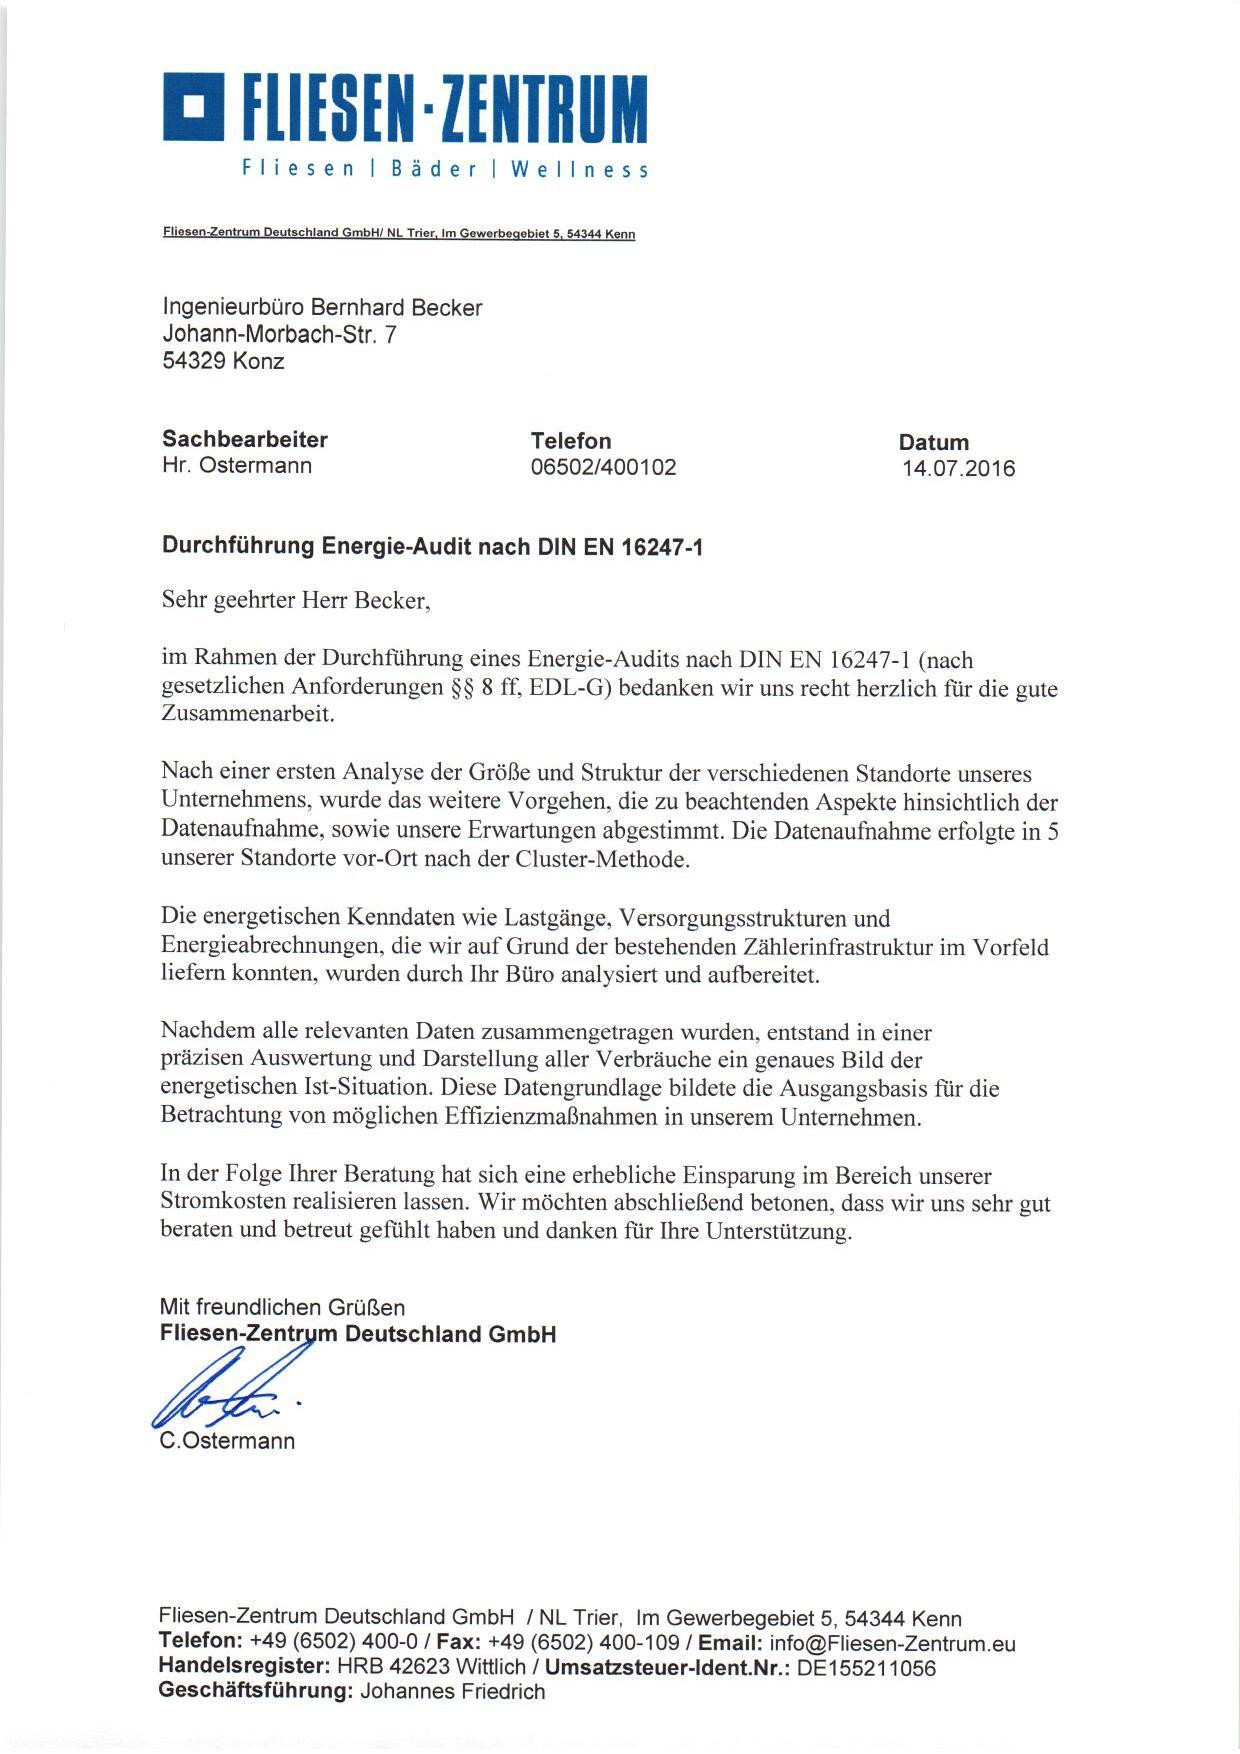 Empfehlungsschreiben-Fliesenzentrum - Ingenieurbüro Becker